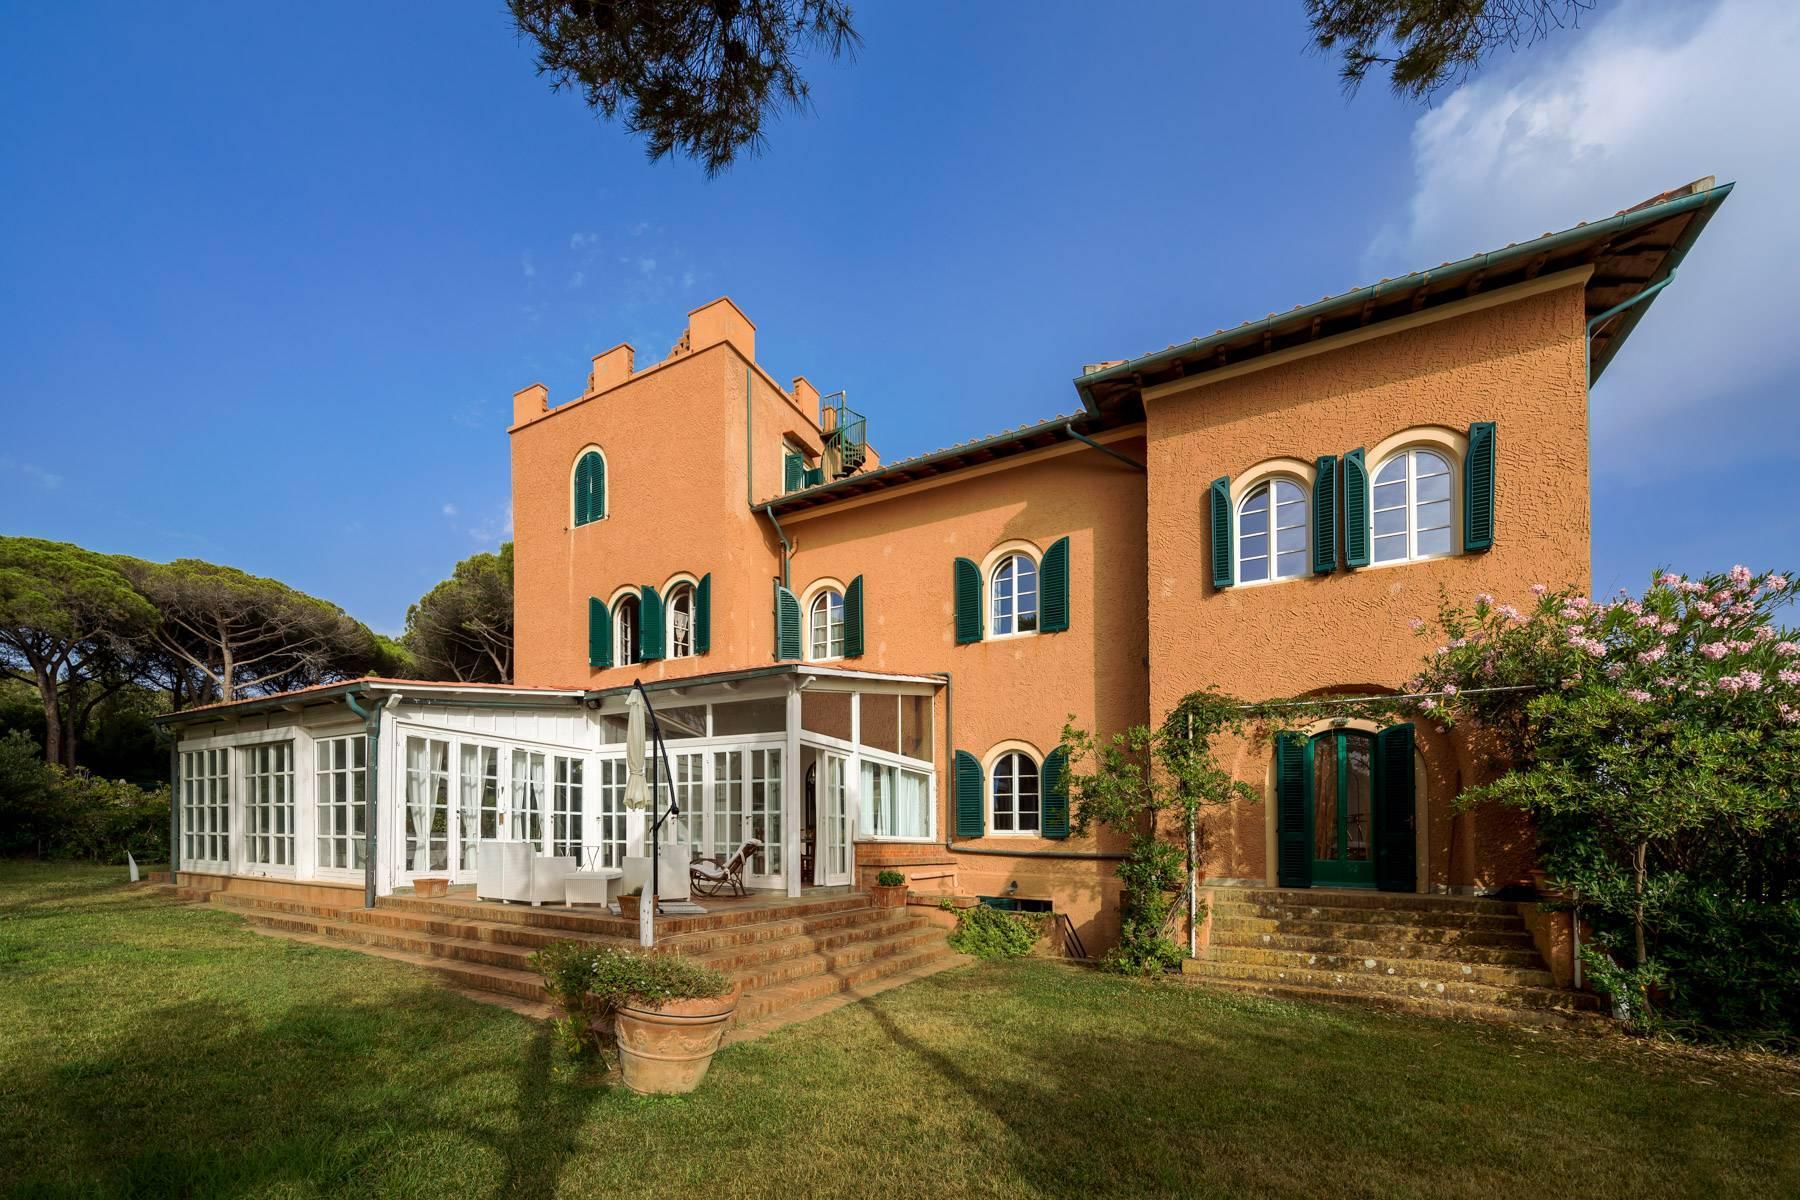 Appartamento con giardino privato ed accesso al mare in villa storica - 7